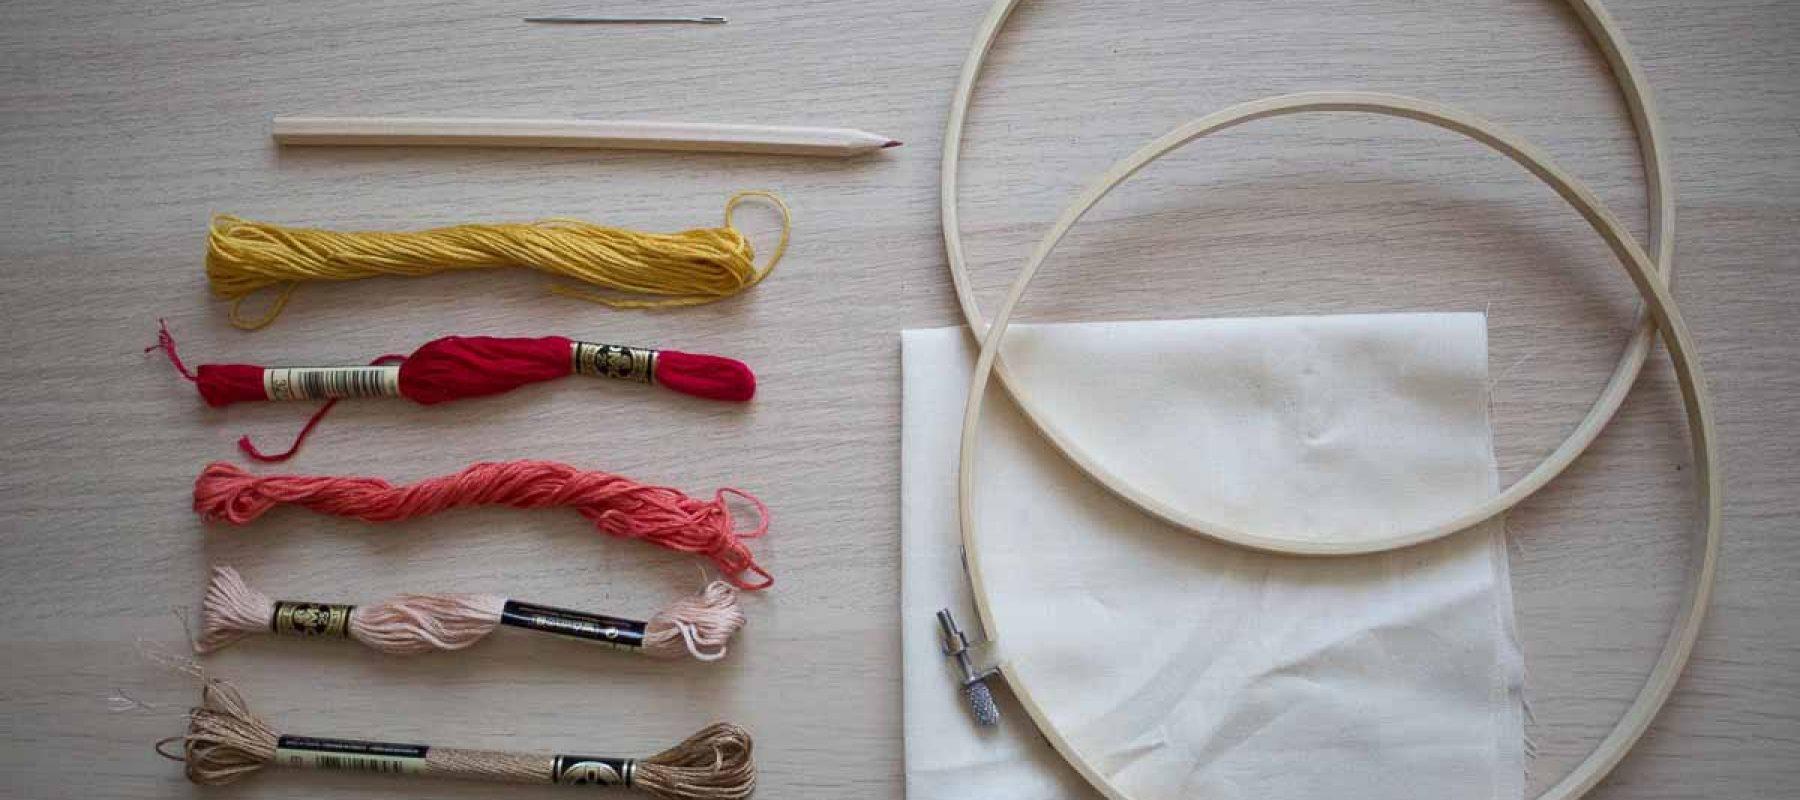 Pause Moderne -Box creative et gourmande Article blog -Broderie le matériel qu'il faut